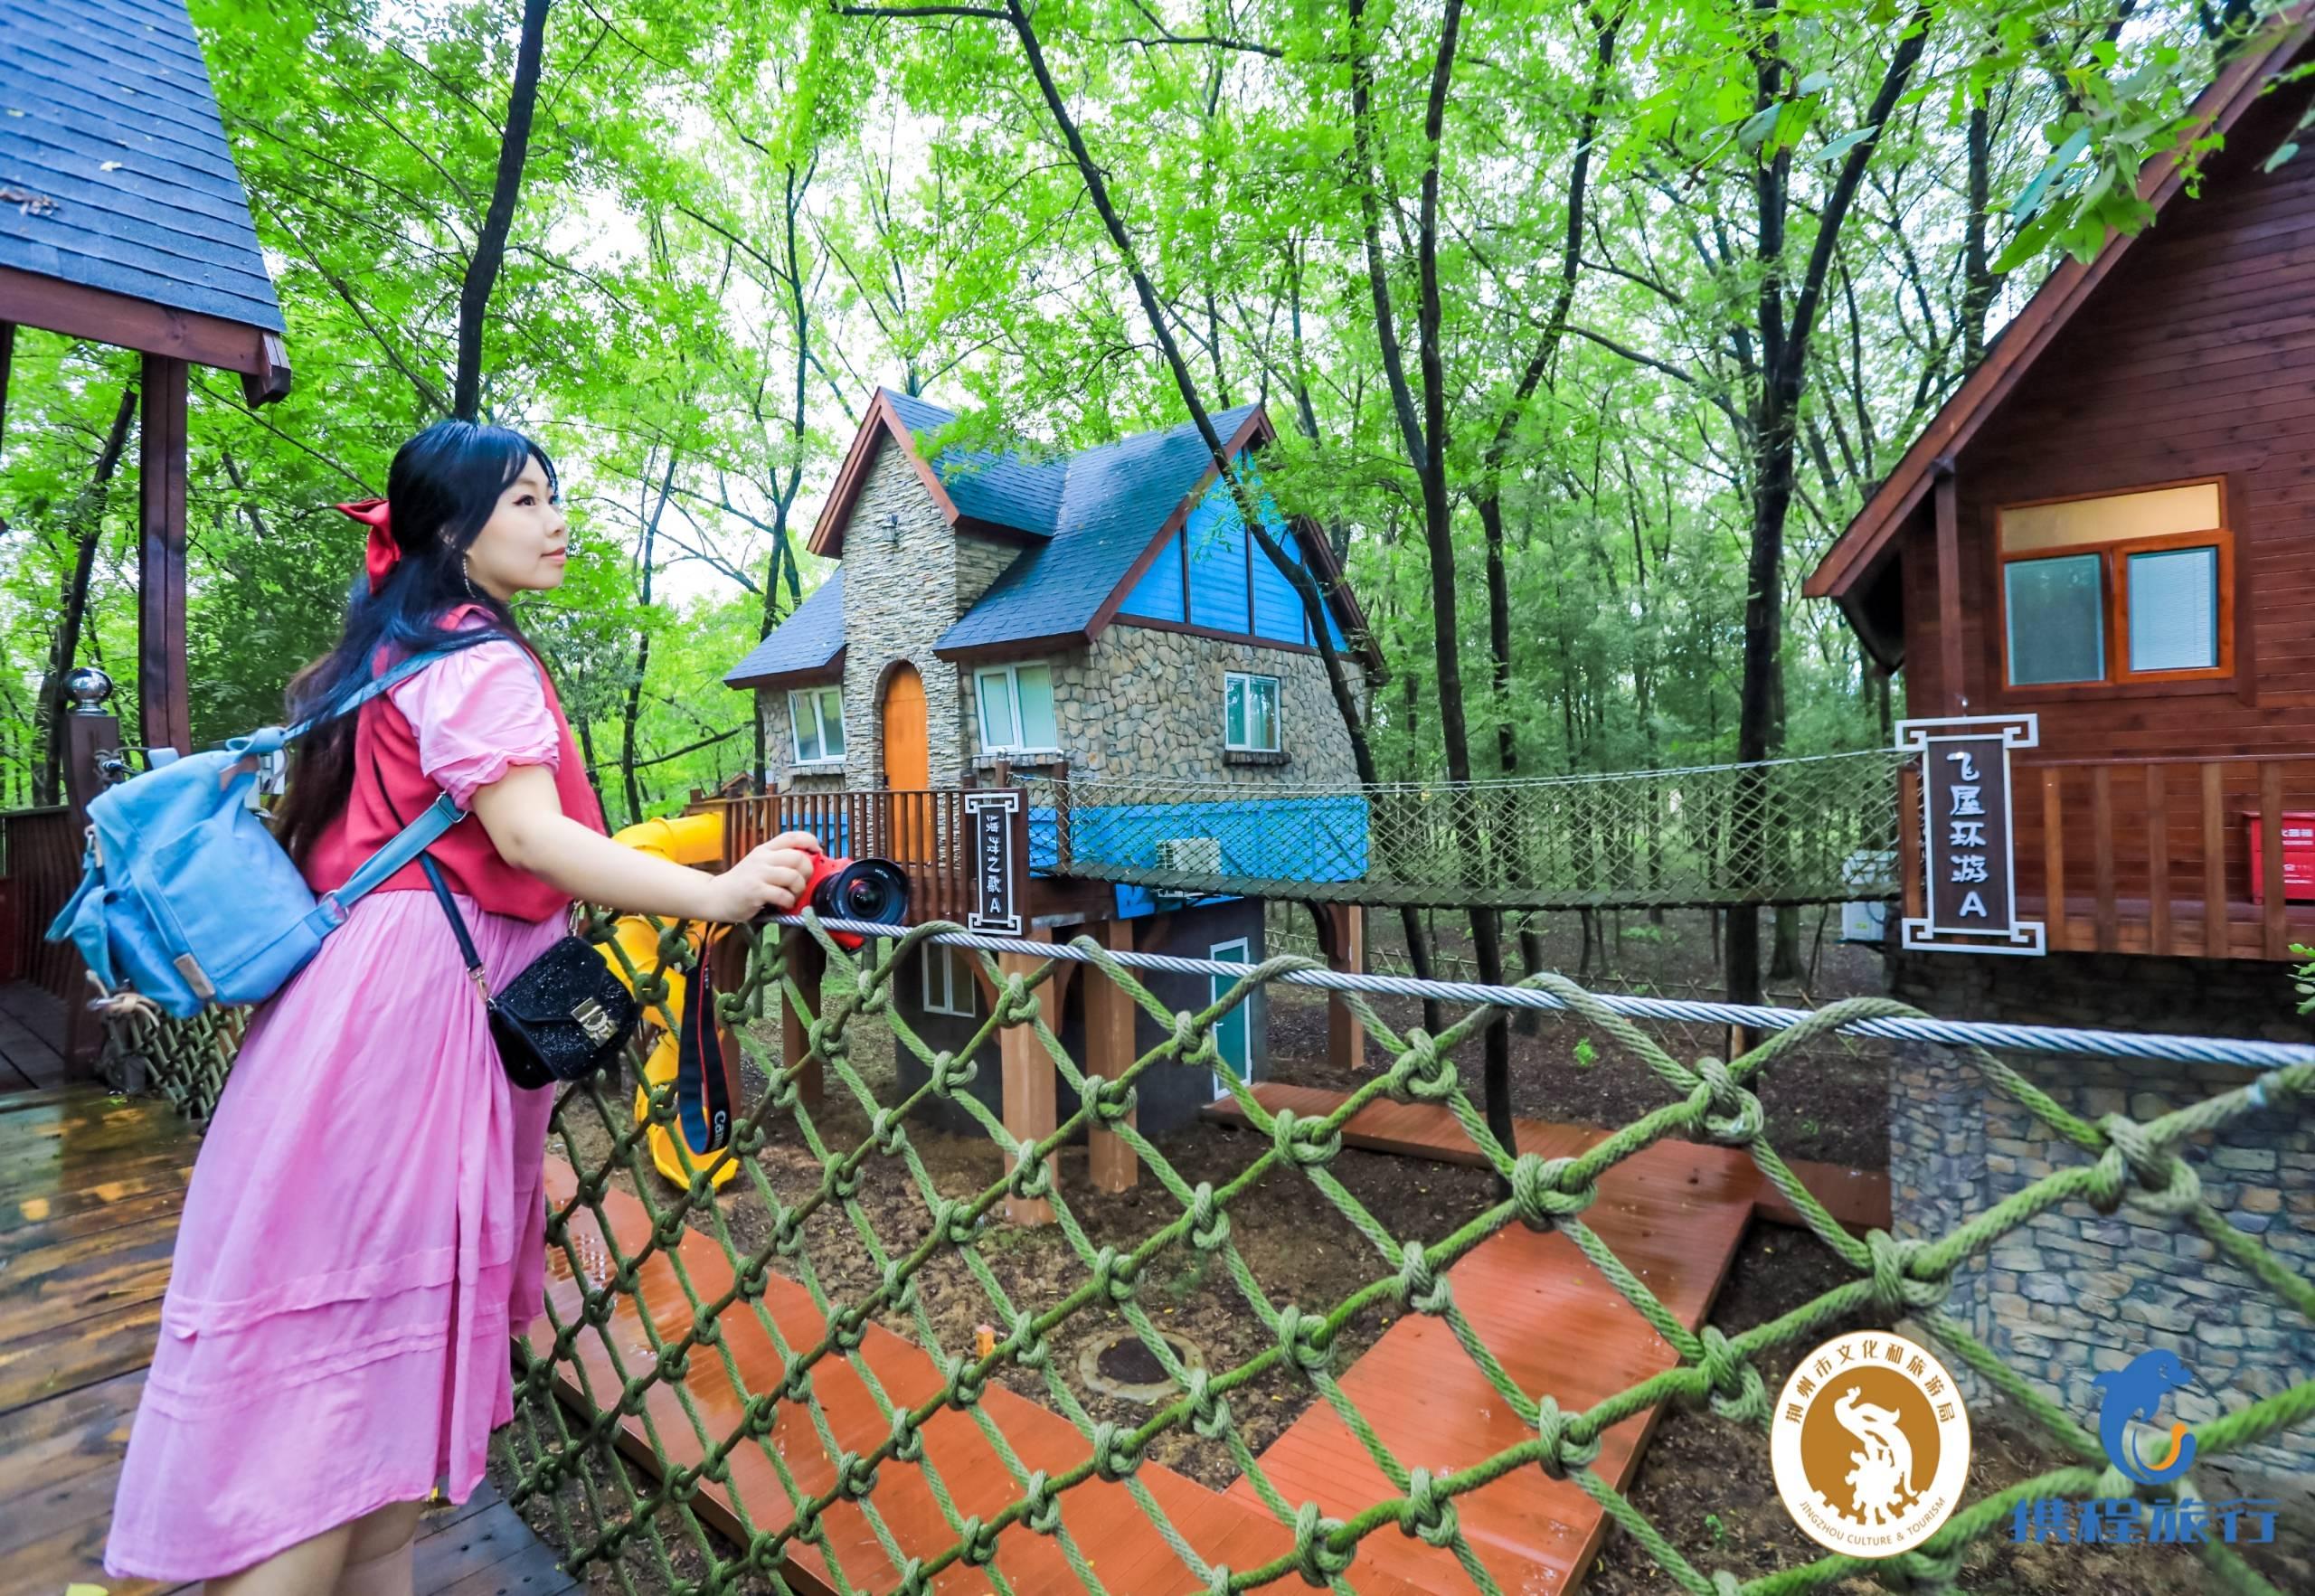 原创             武汉周边游,去荆州露营烧烤住树屋,感受湖中山色田园牧歌